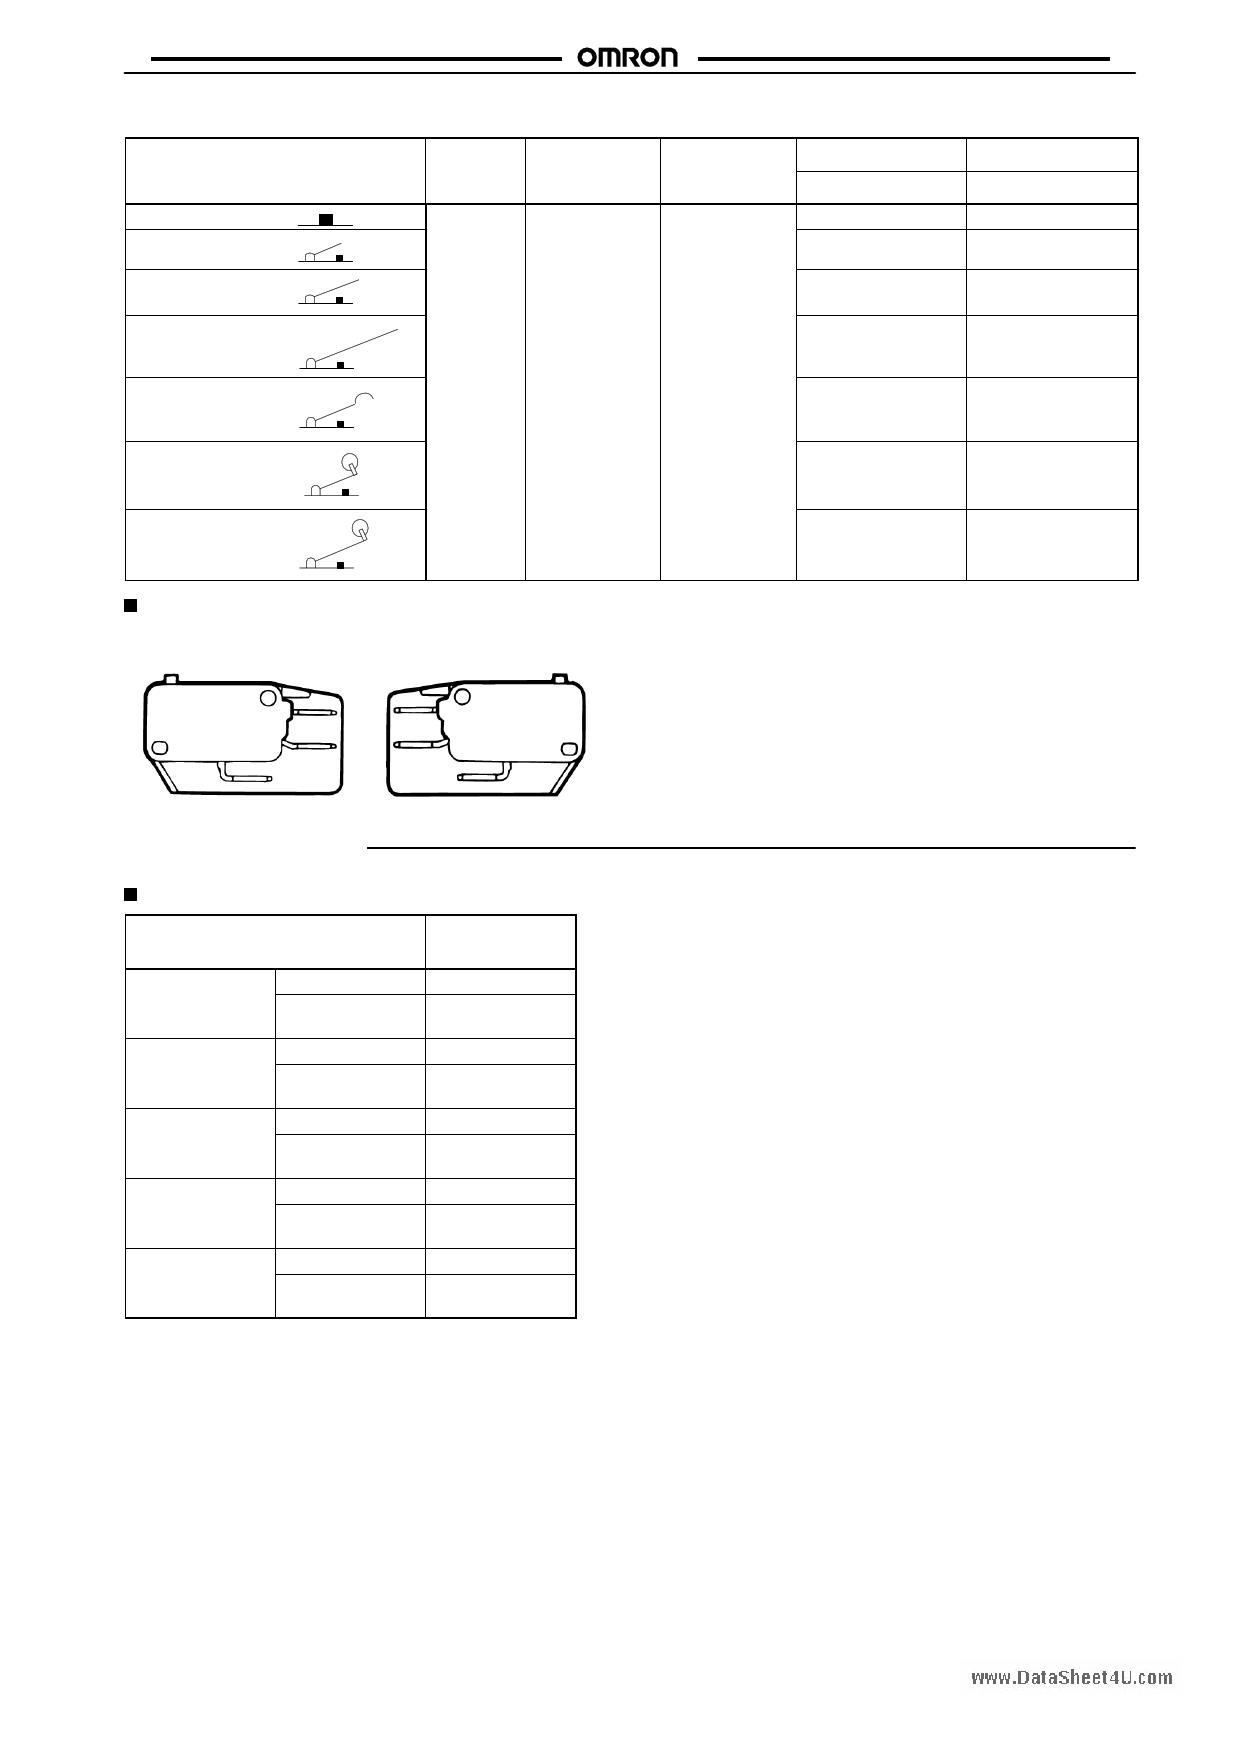 V-161-xxx Datasheet, Funktion